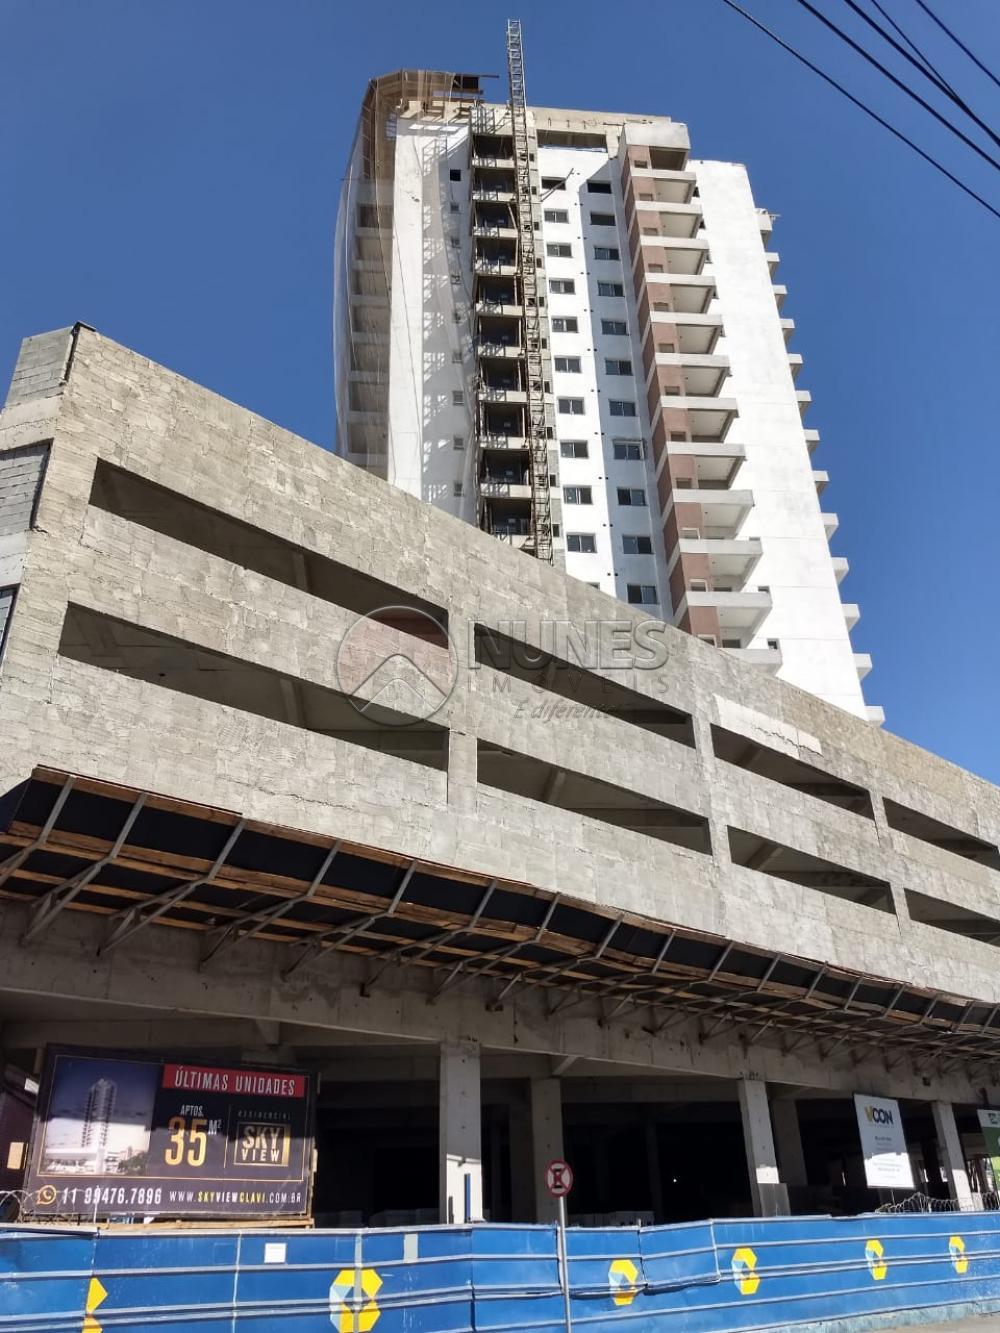 Comprar Apartamento / Padrão em Osasco R$ 220.000,00 - Foto 1